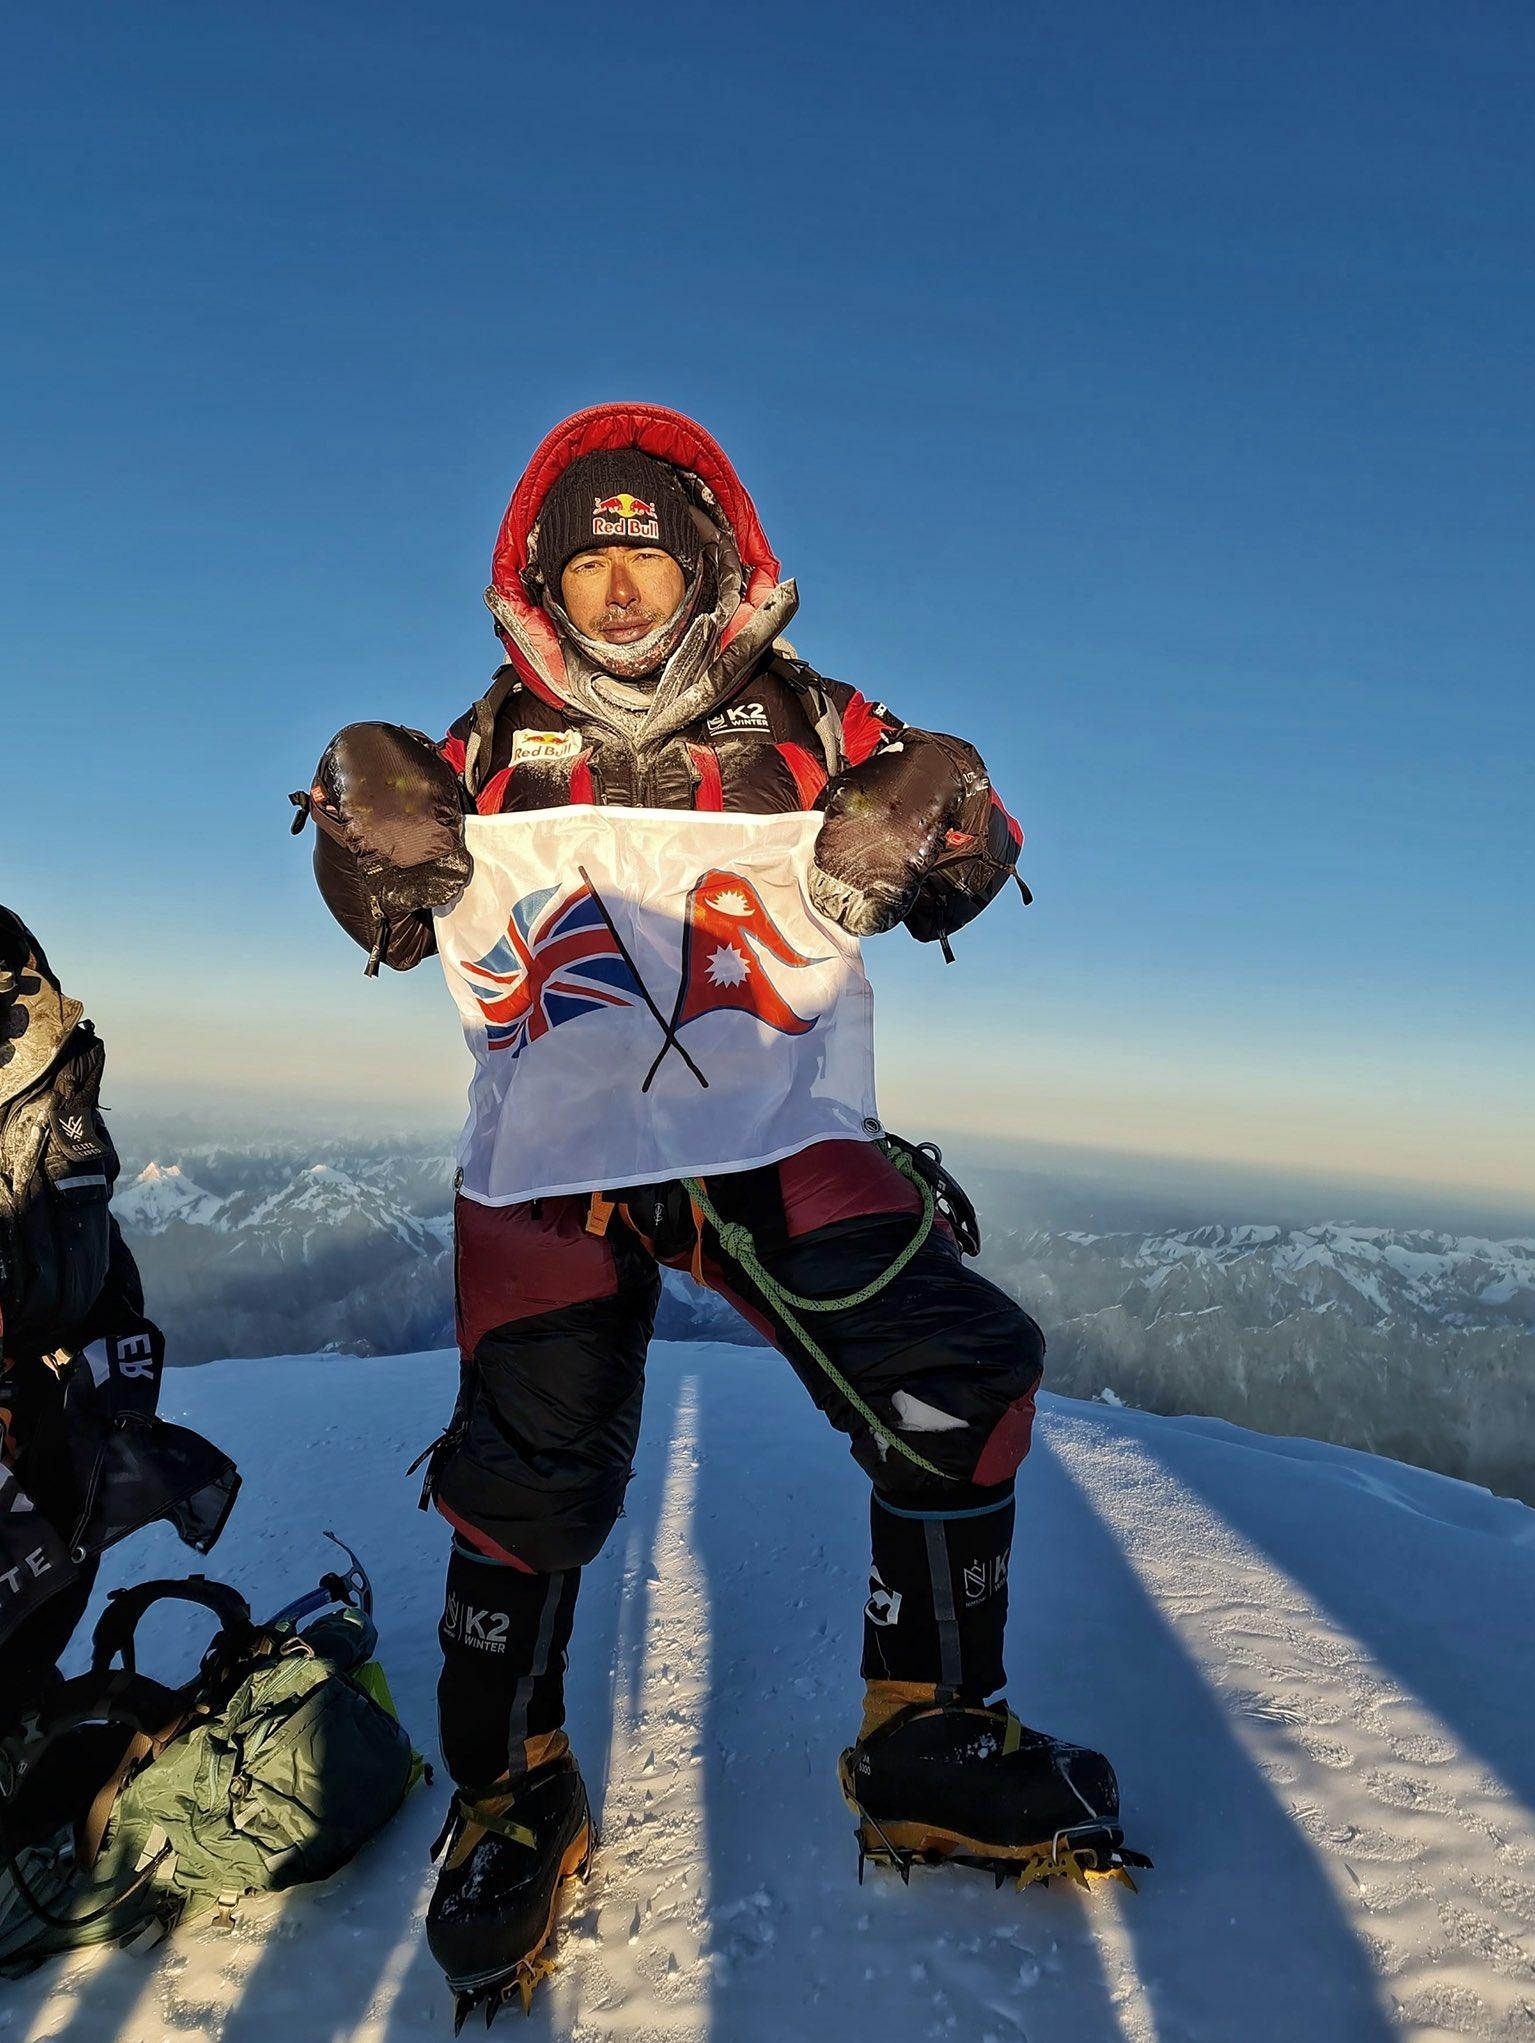 تصویری از کوهنورد مشهور بر فراز قله K2